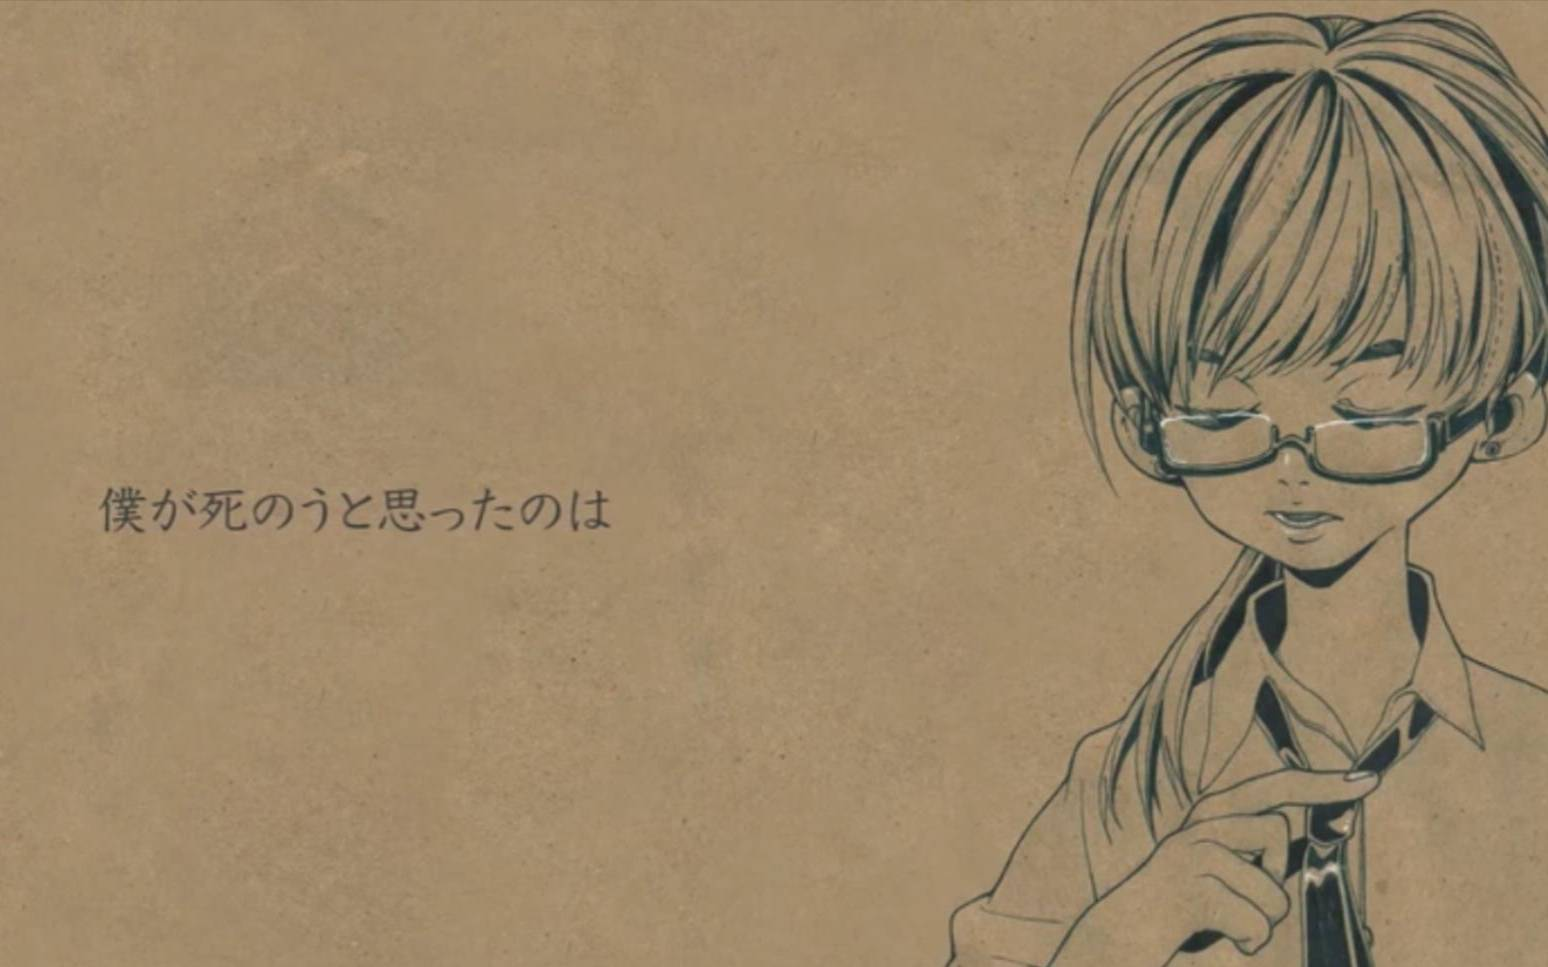 【杏Kyou】僕が死のうと思ったのは/曾经我也想过一了百了